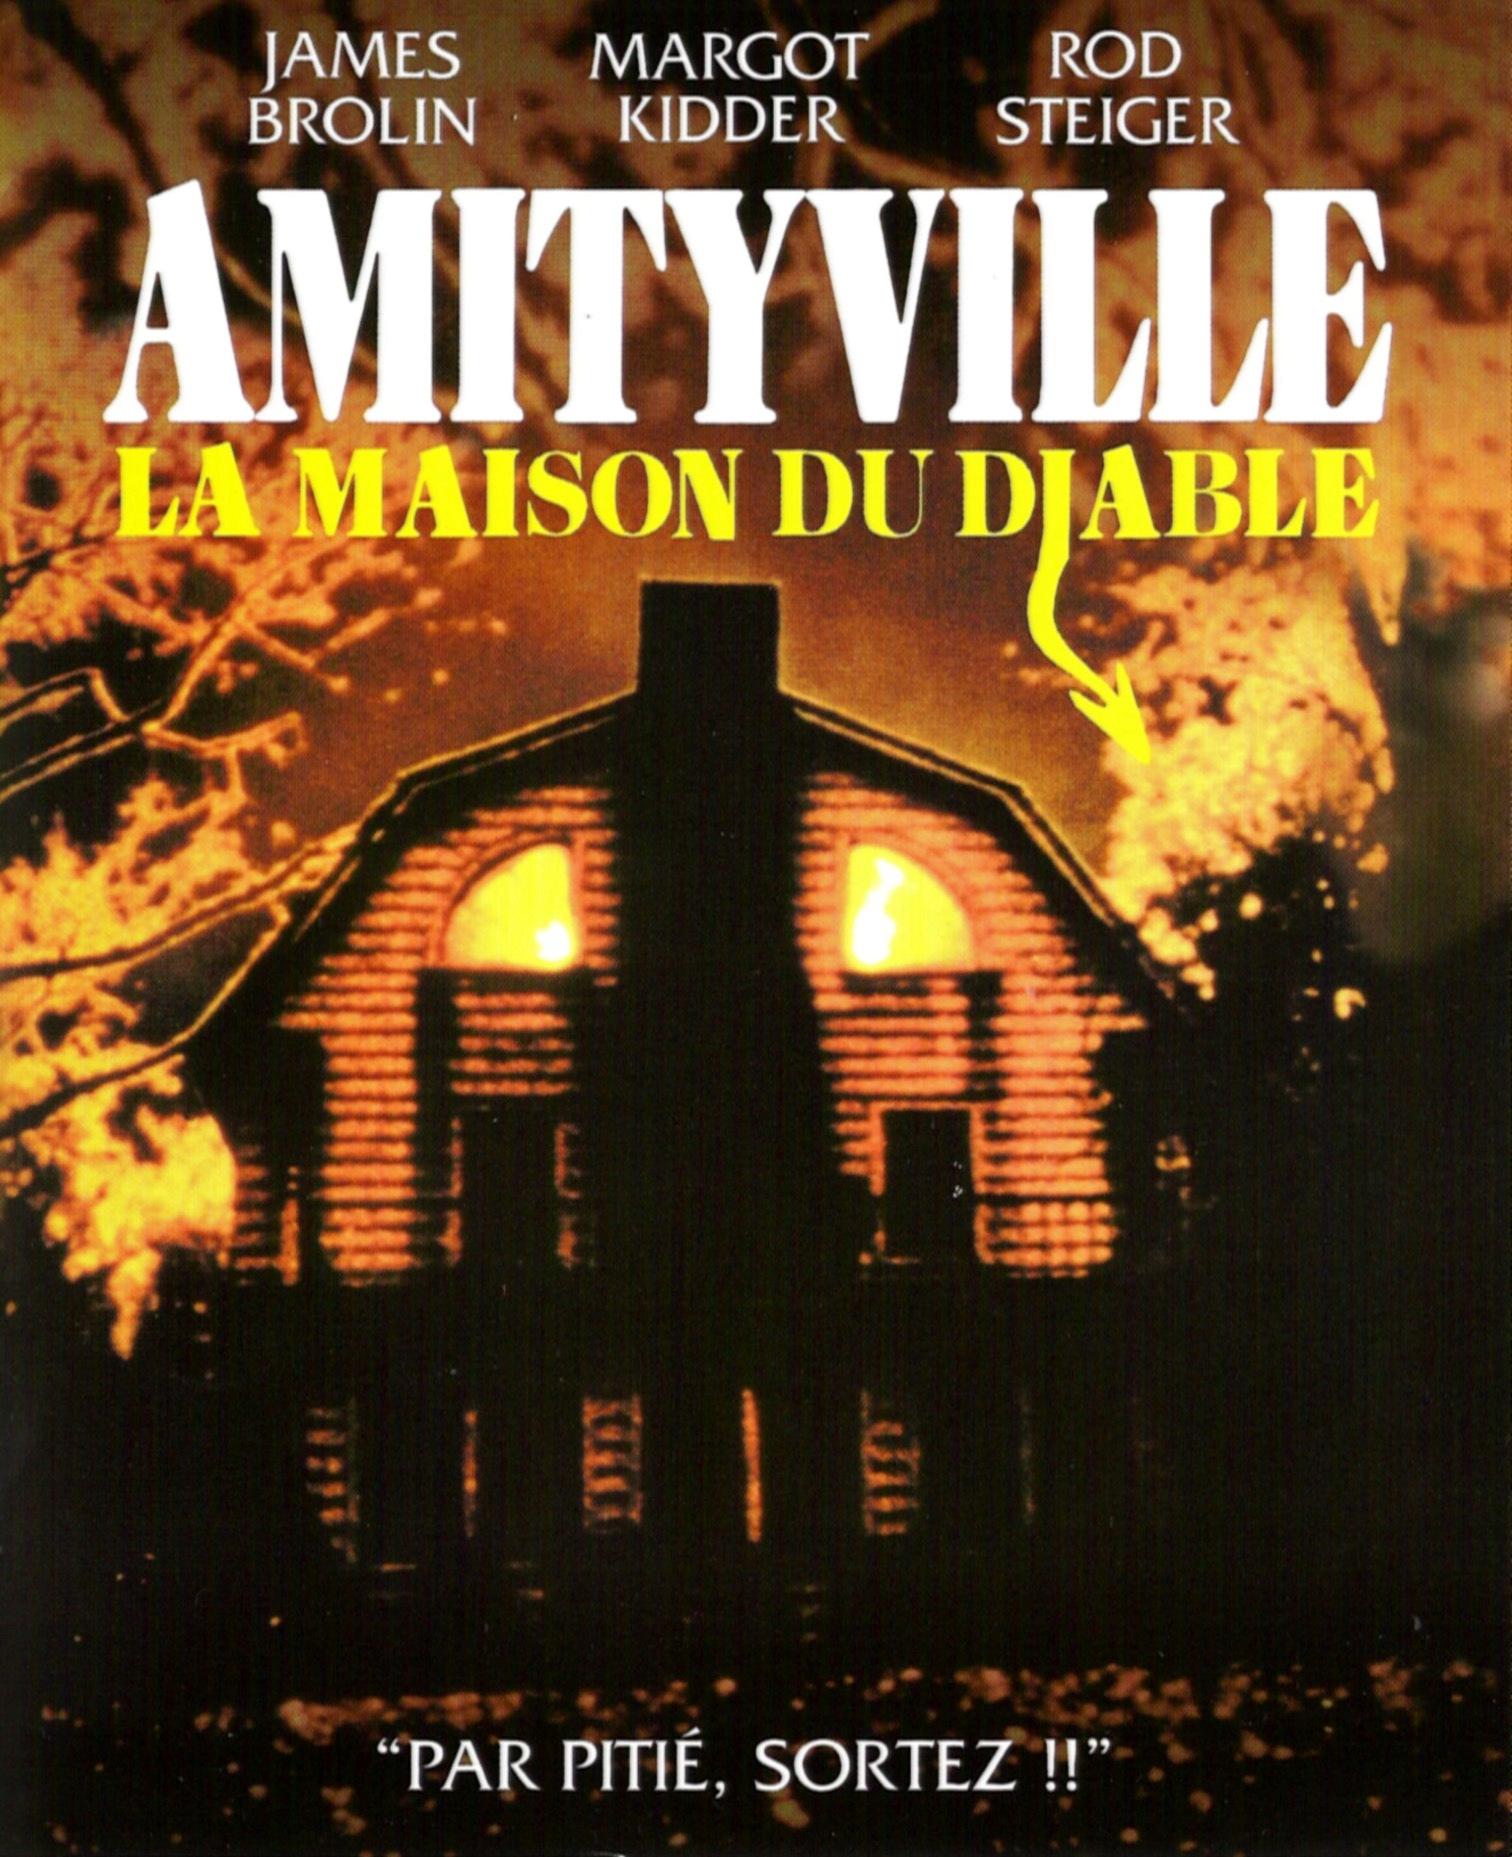 The amityville horror 1979 stuart rosenberg for Amityville la maison du diable